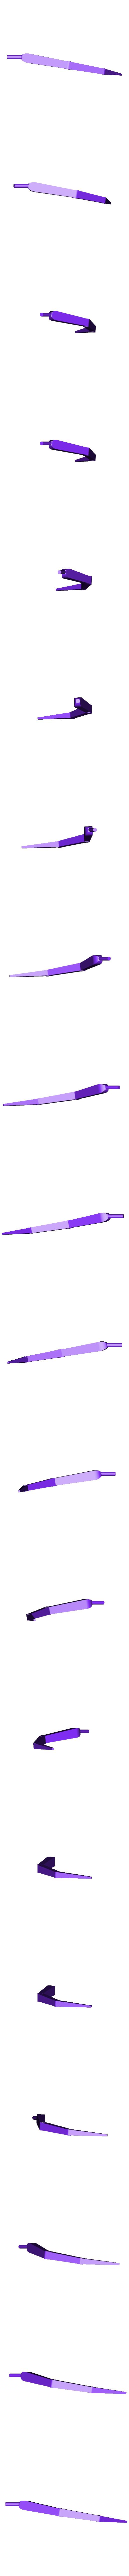 left_midle_front_leg.stl Download free STL file 8 legged spider robot • 3D print design, brianbrocken